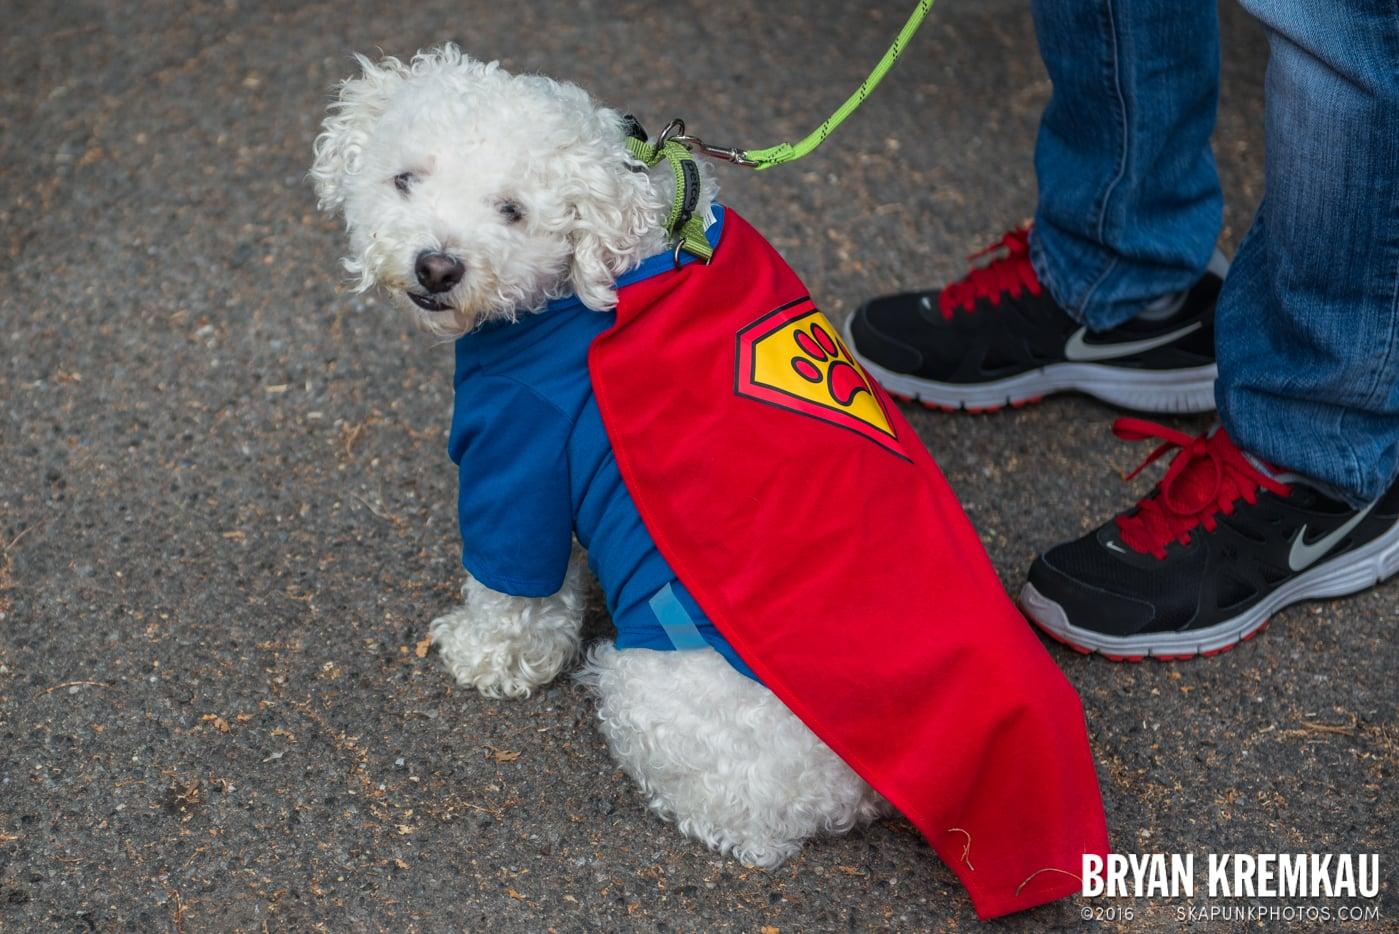 Tompkins Square Halloween Dog Parade 2015 @ Tompkins Square Park, NYC – 10.24.15 (21)